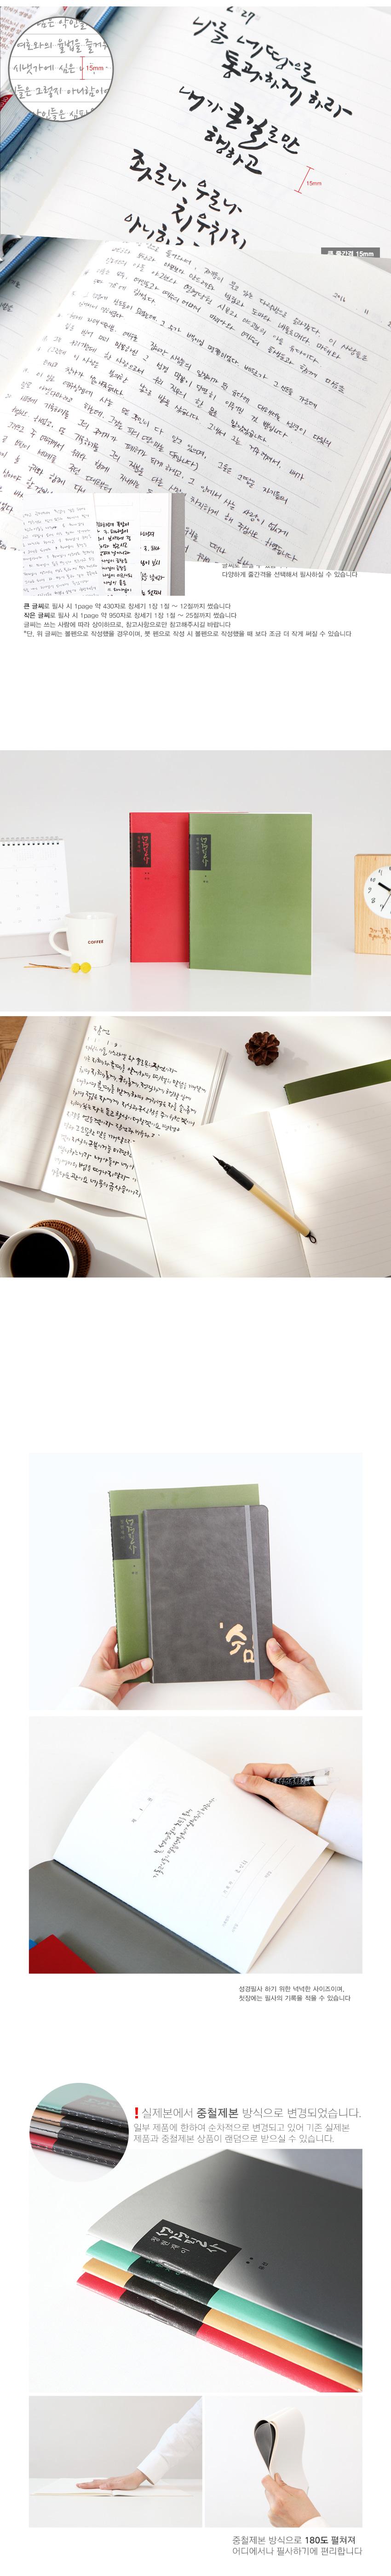 청현재이 성경필사노트_02.레드(유선)3,200원-그레이스벨디자인문구, 노트/메모, 베이직노트, 유선노트바보사랑청현재이 성경필사노트_02.레드(유선)3,200원-그레이스벨디자인문구, 노트/메모, 베이직노트, 유선노트바보사랑